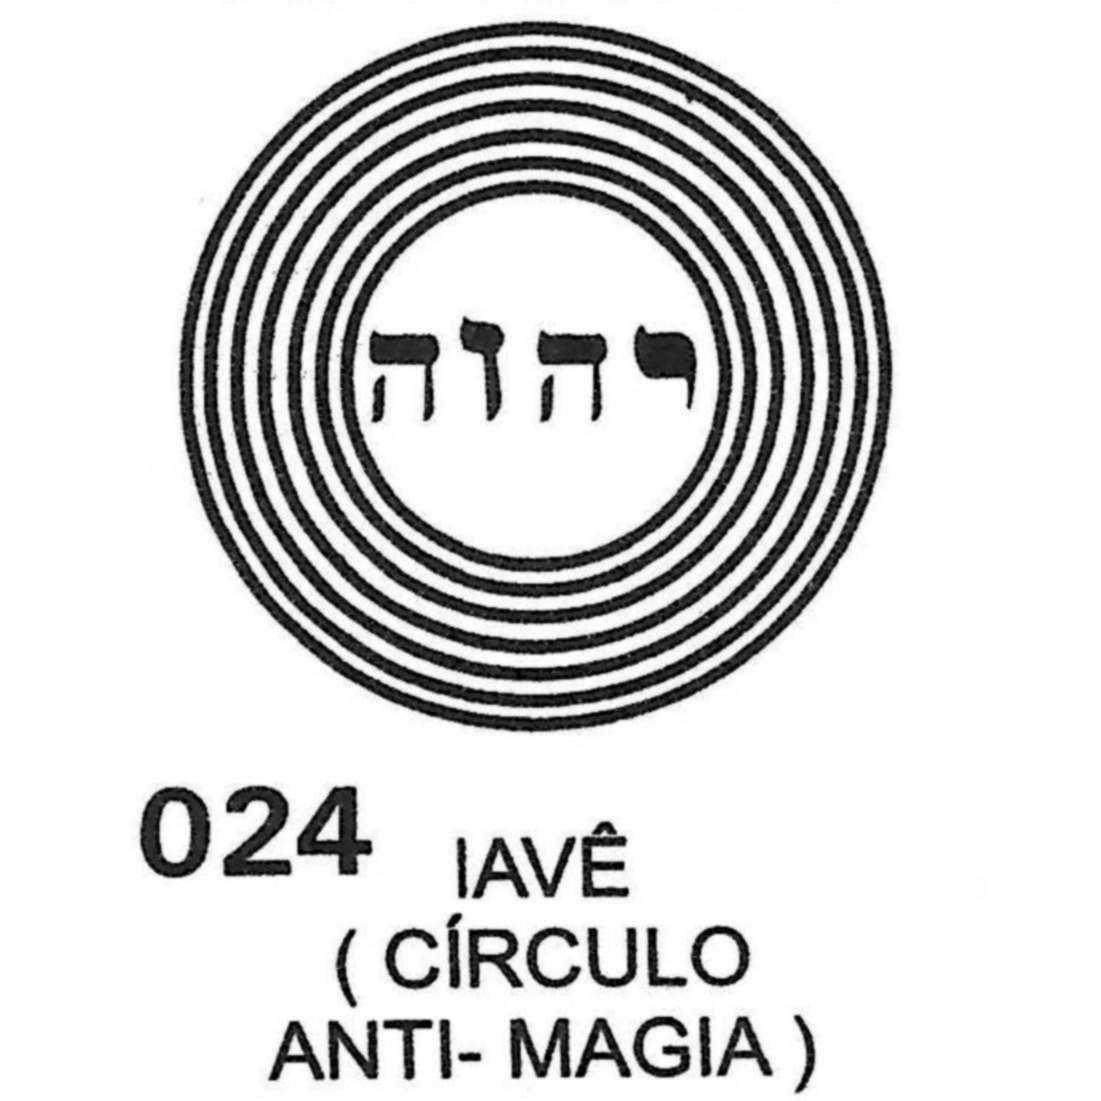 Iavê - Círculo Anti-magia - PVC  -  Zots